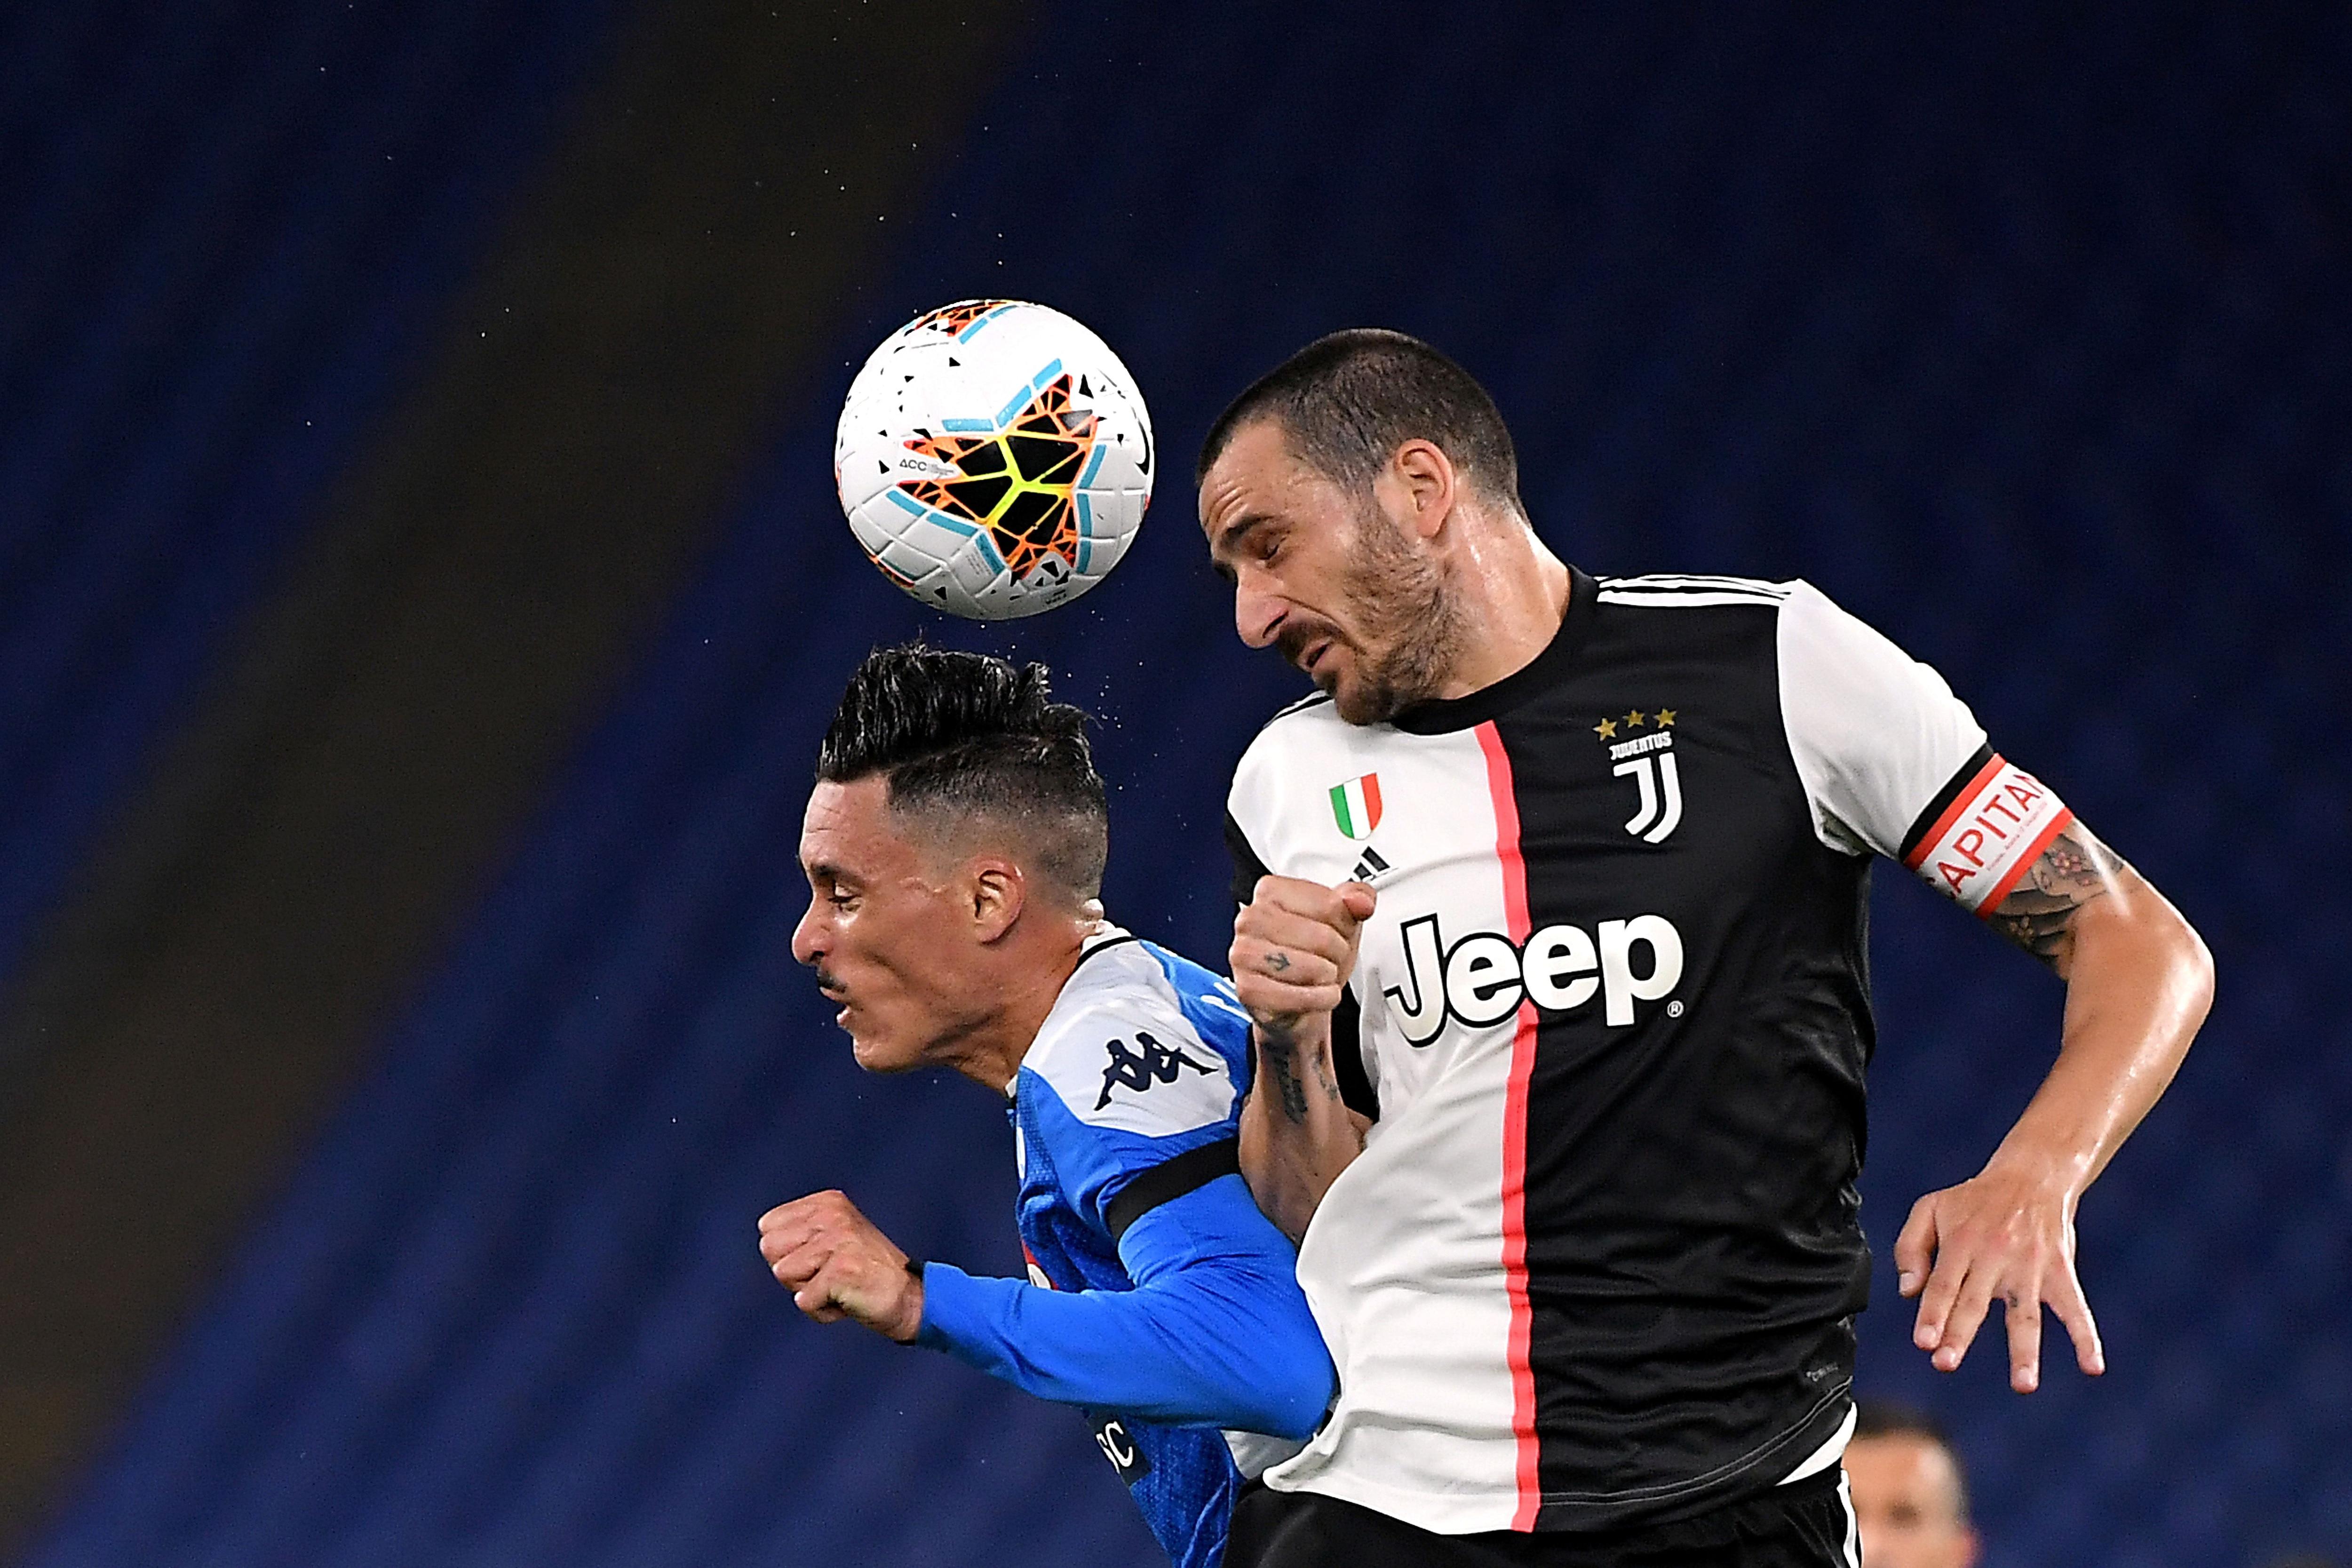 Escándalo en Italia: la Serie A ratificó que el partido entre Juventus y Napoli se juega pero el equipo visitante jamás viajó a Turín Foto: REUTERS/Alberto Lingria